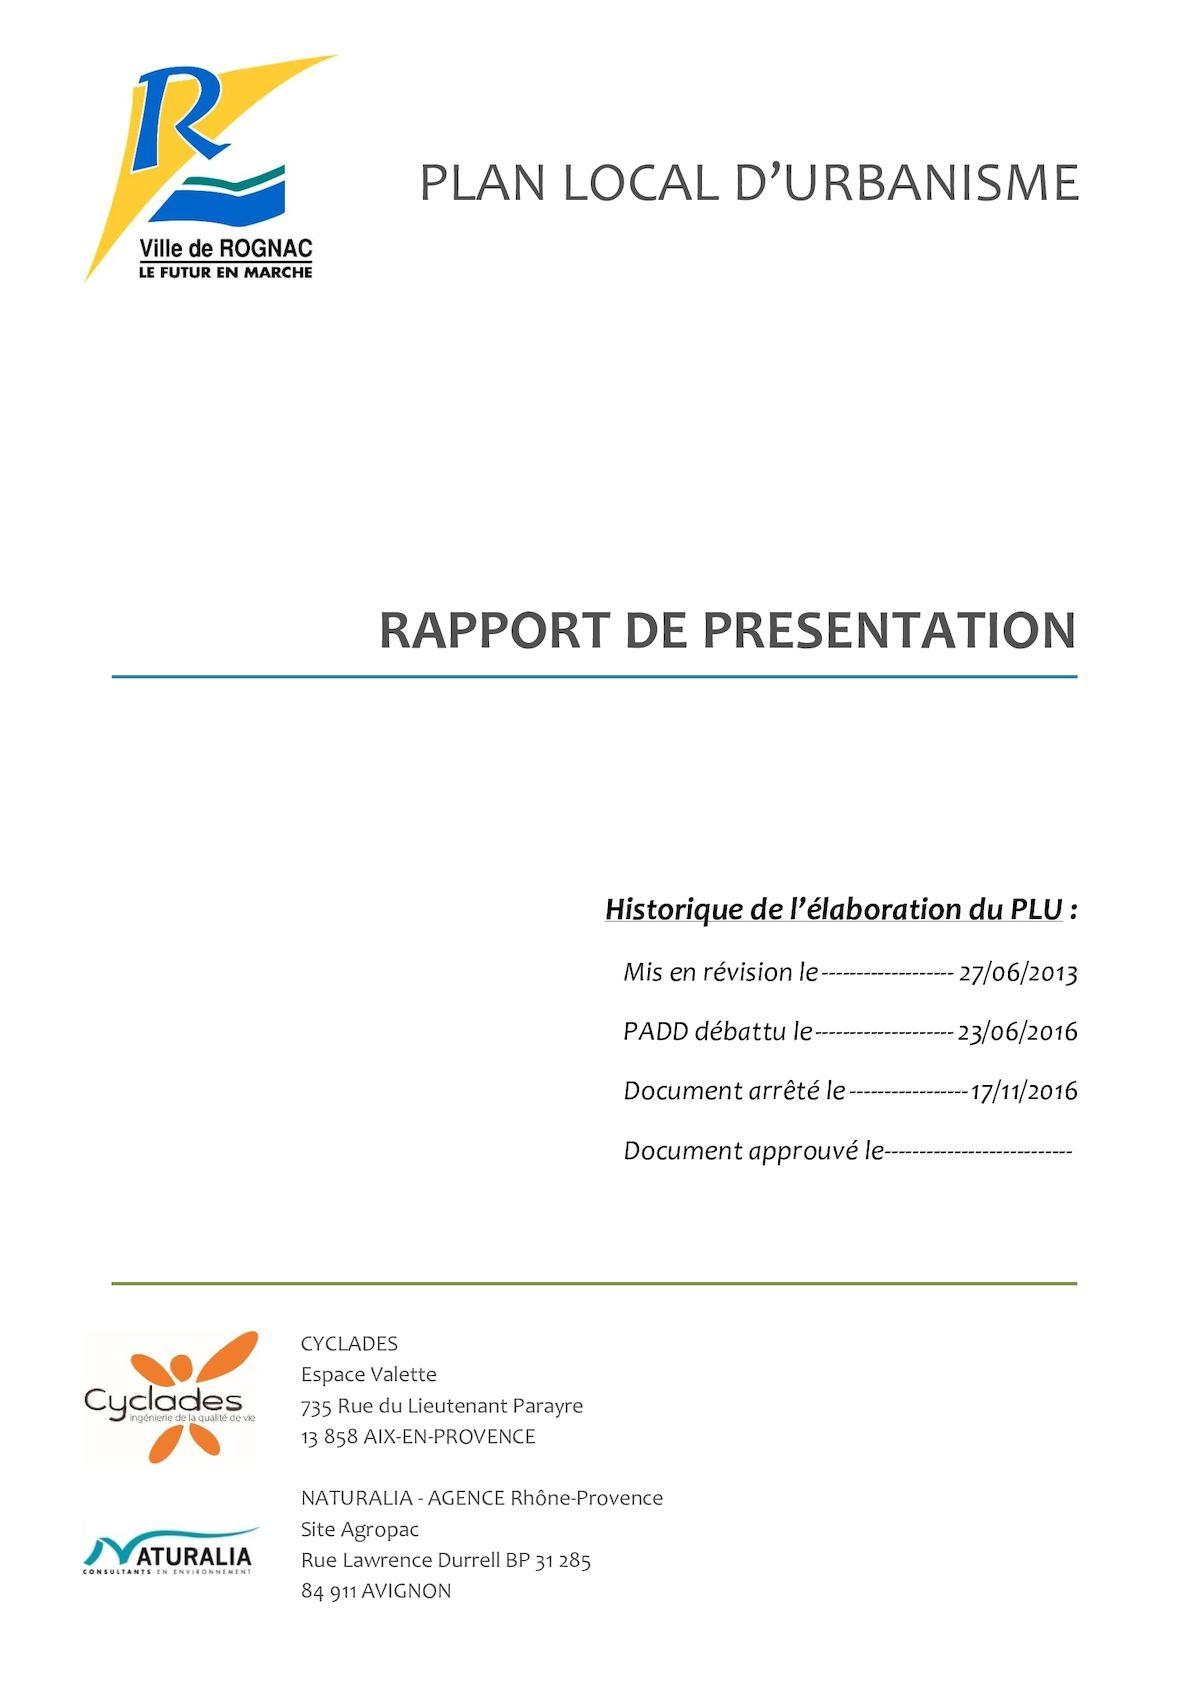 Calaméo - Plan Local d Urbanisme - Tome 1 Rapport de présentation 8039a57778c7